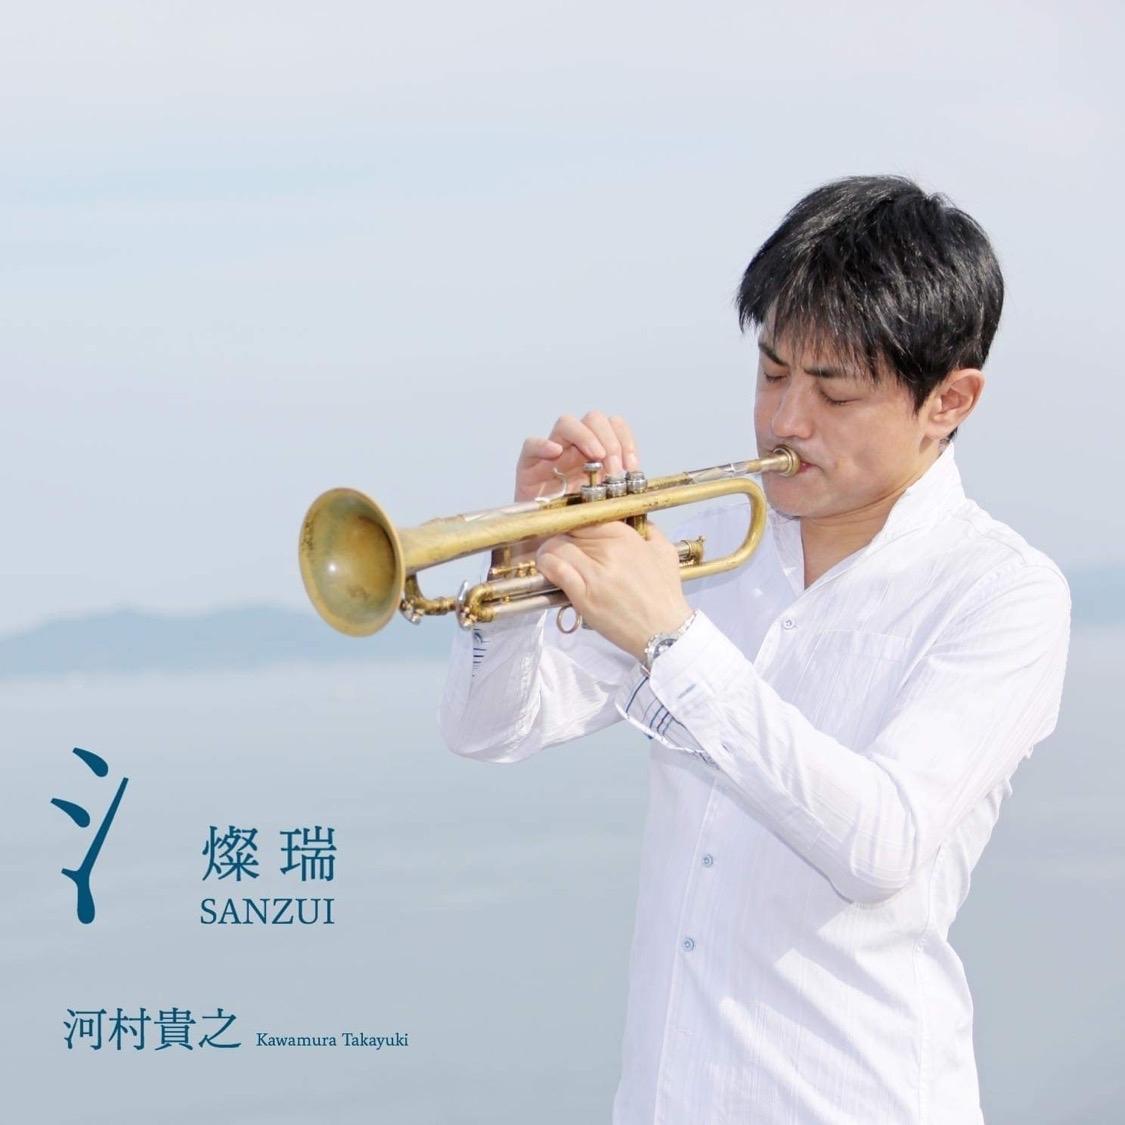 広島 ジャズ Jazzlive Comin 本日4月12日のジャズライブ_b0115606_11555174.jpeg